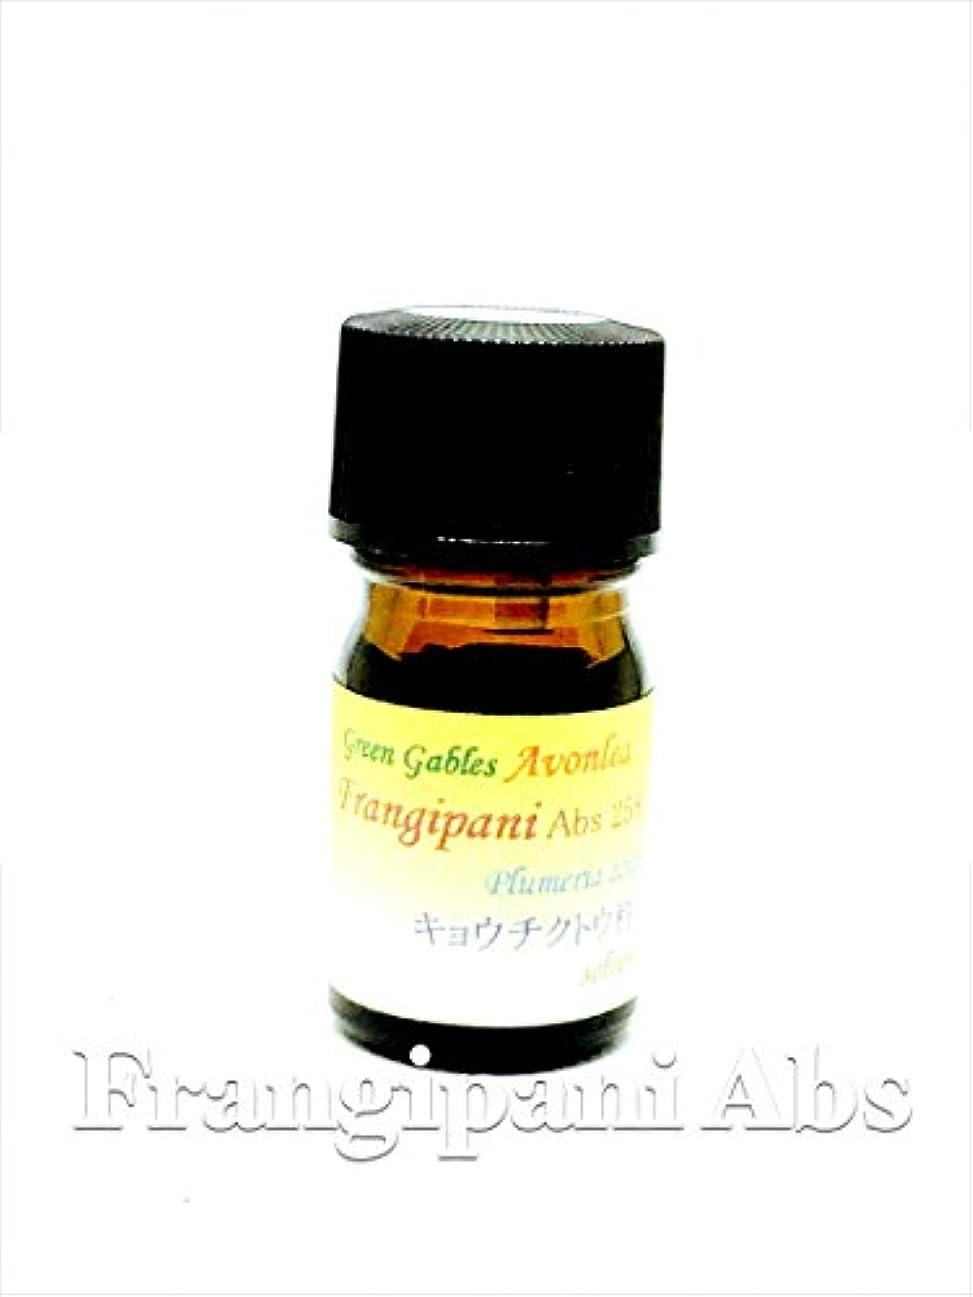 協定積極的にまとめるフランジュパ二Abs ピュアエッセンシャルオイル精油 (プルメリアAbs) (30ml)